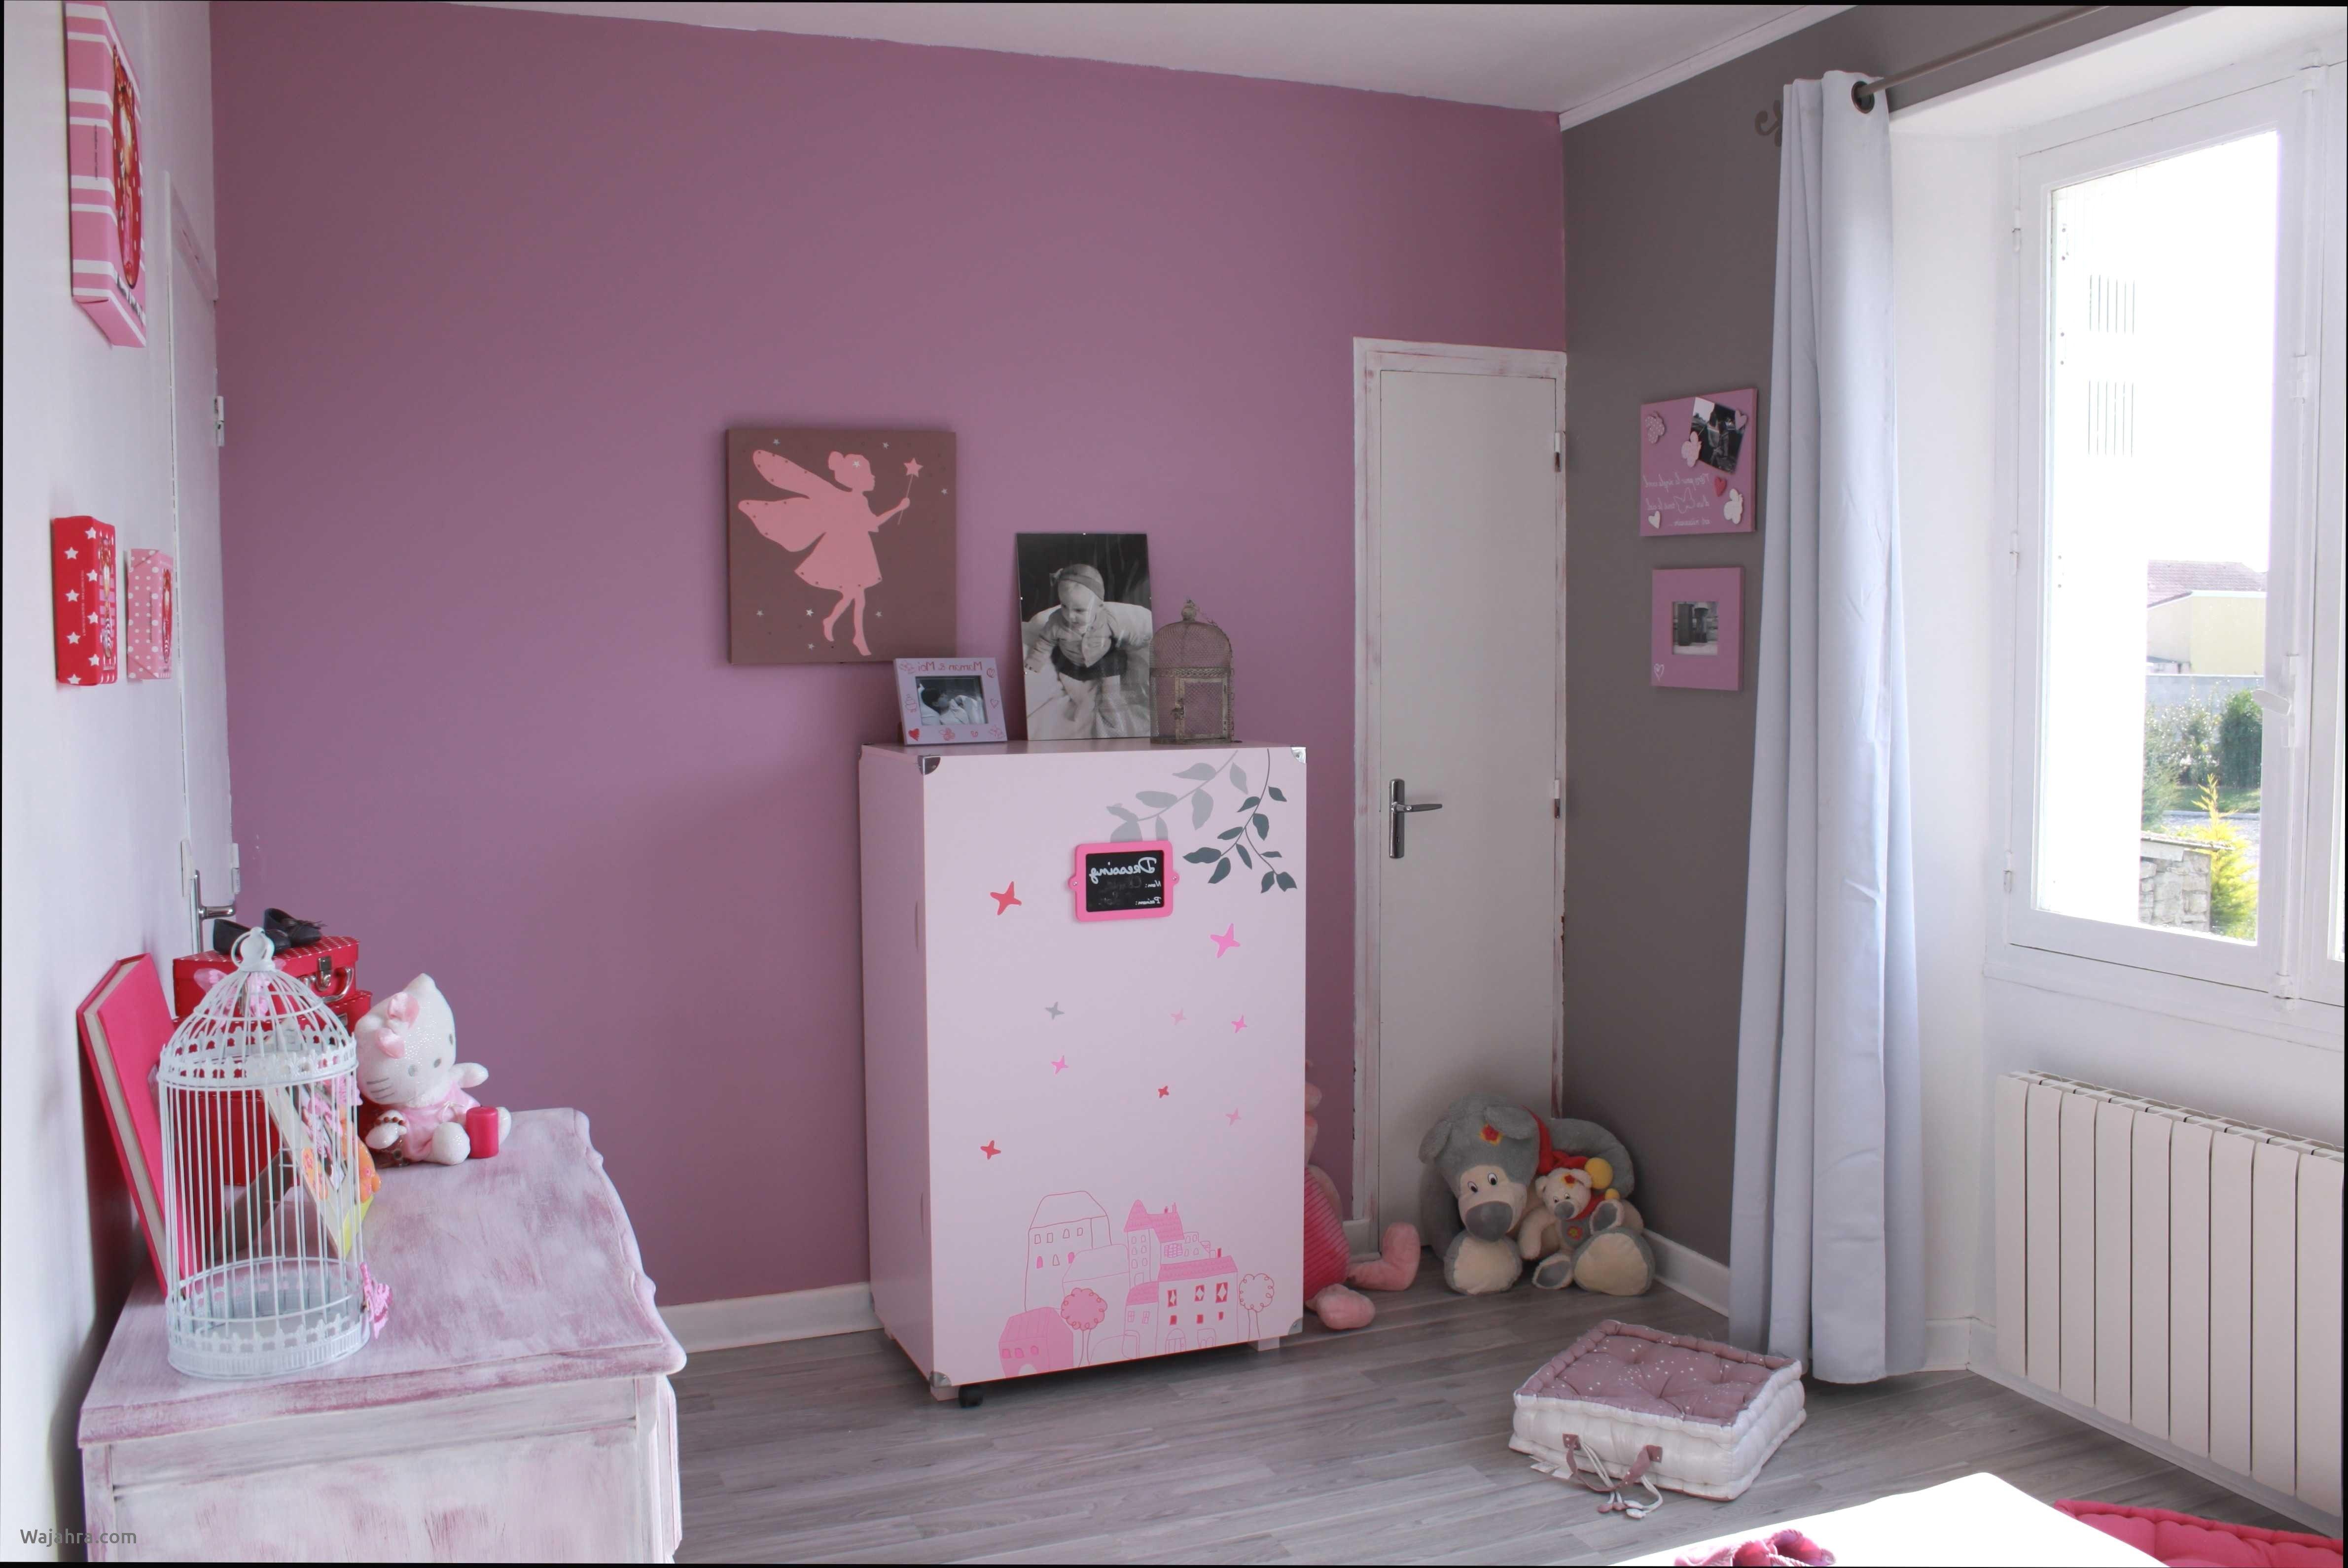 Lit Bébé évolutif Sauthon Le Luxe Nouveau Coloriage Imprimer Pour Bébé 2 Ans – Mademoiselleosaki